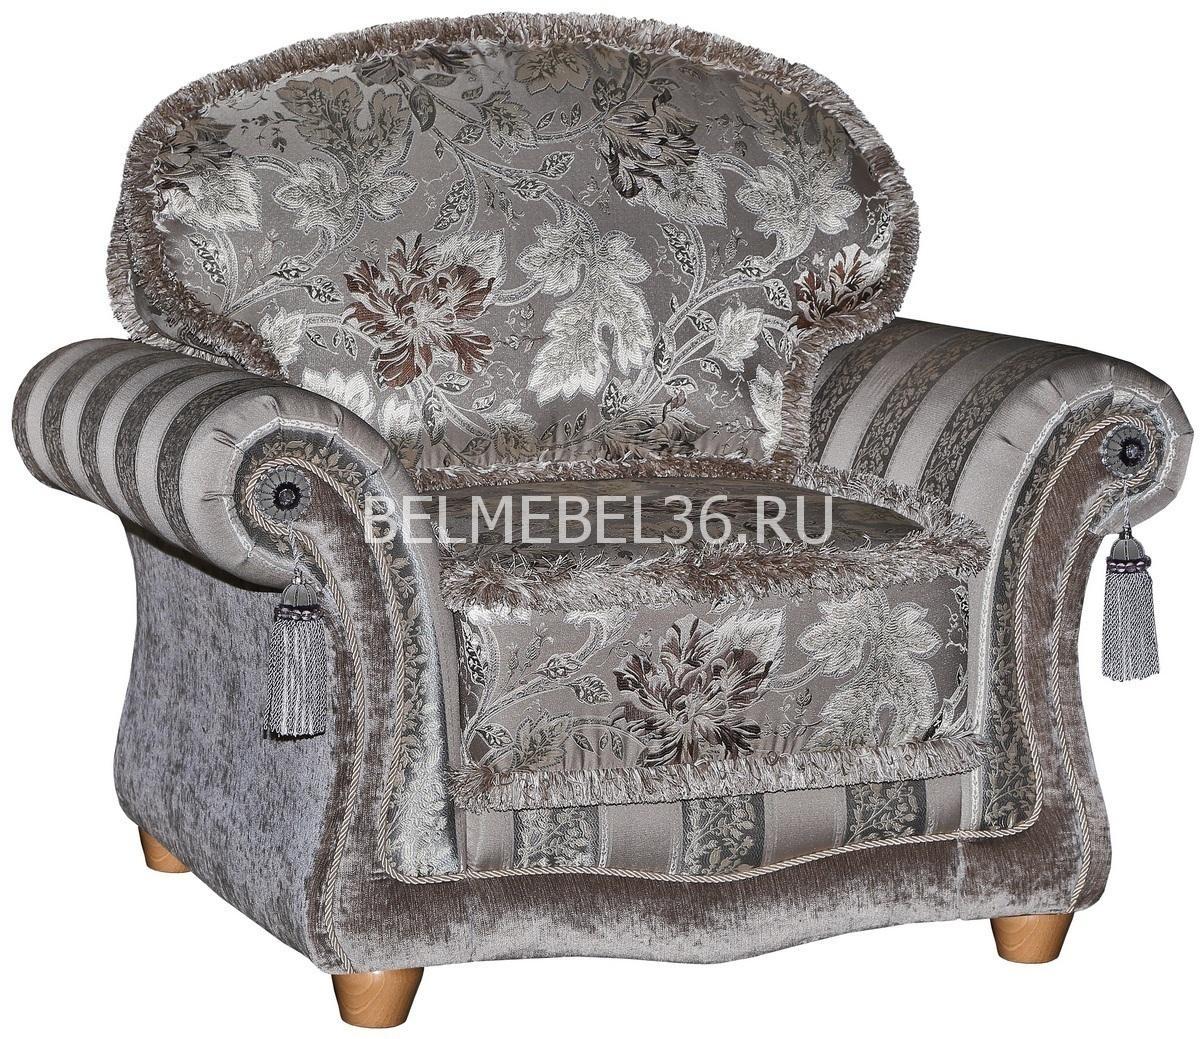 Кресло Латина (12) П-Д023   Белорусская мебель в Воронеже